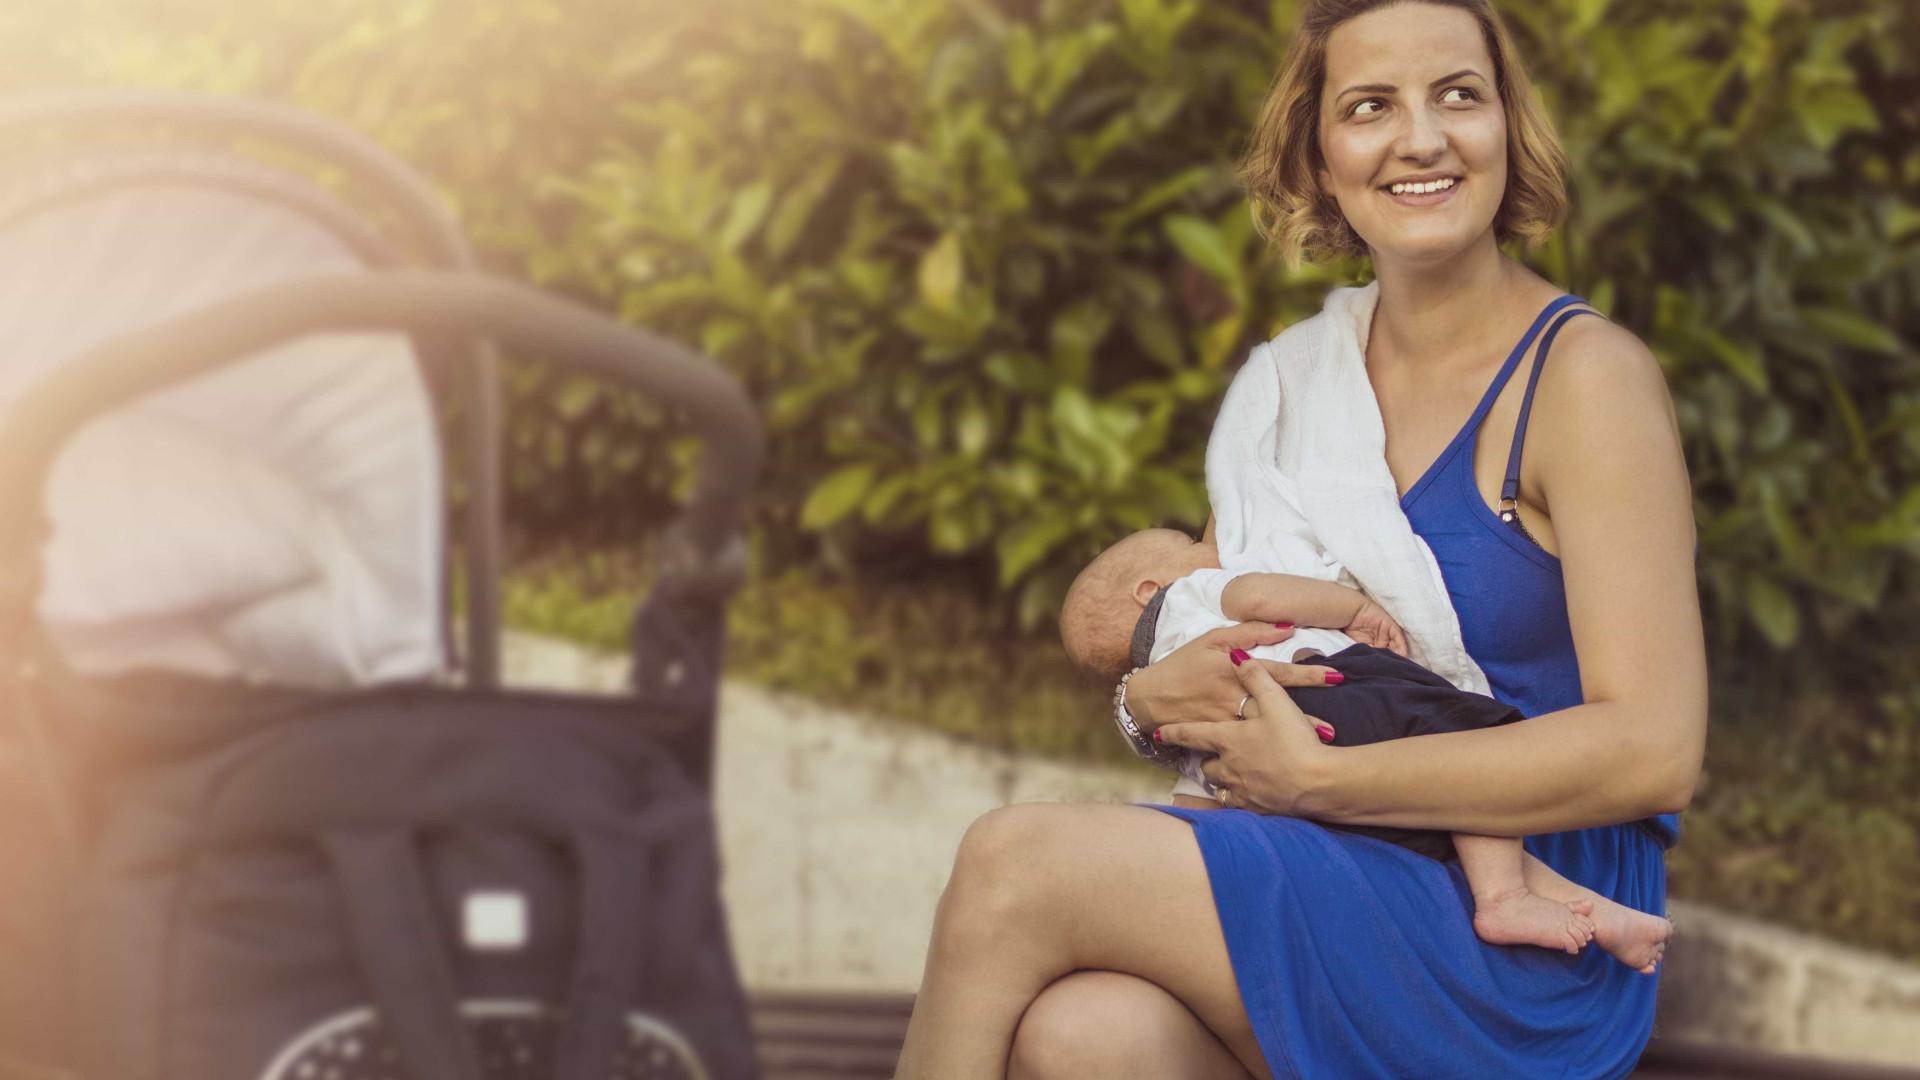 Semana Mundial do Aleitamento Materno. Falemos de todos os benefícios